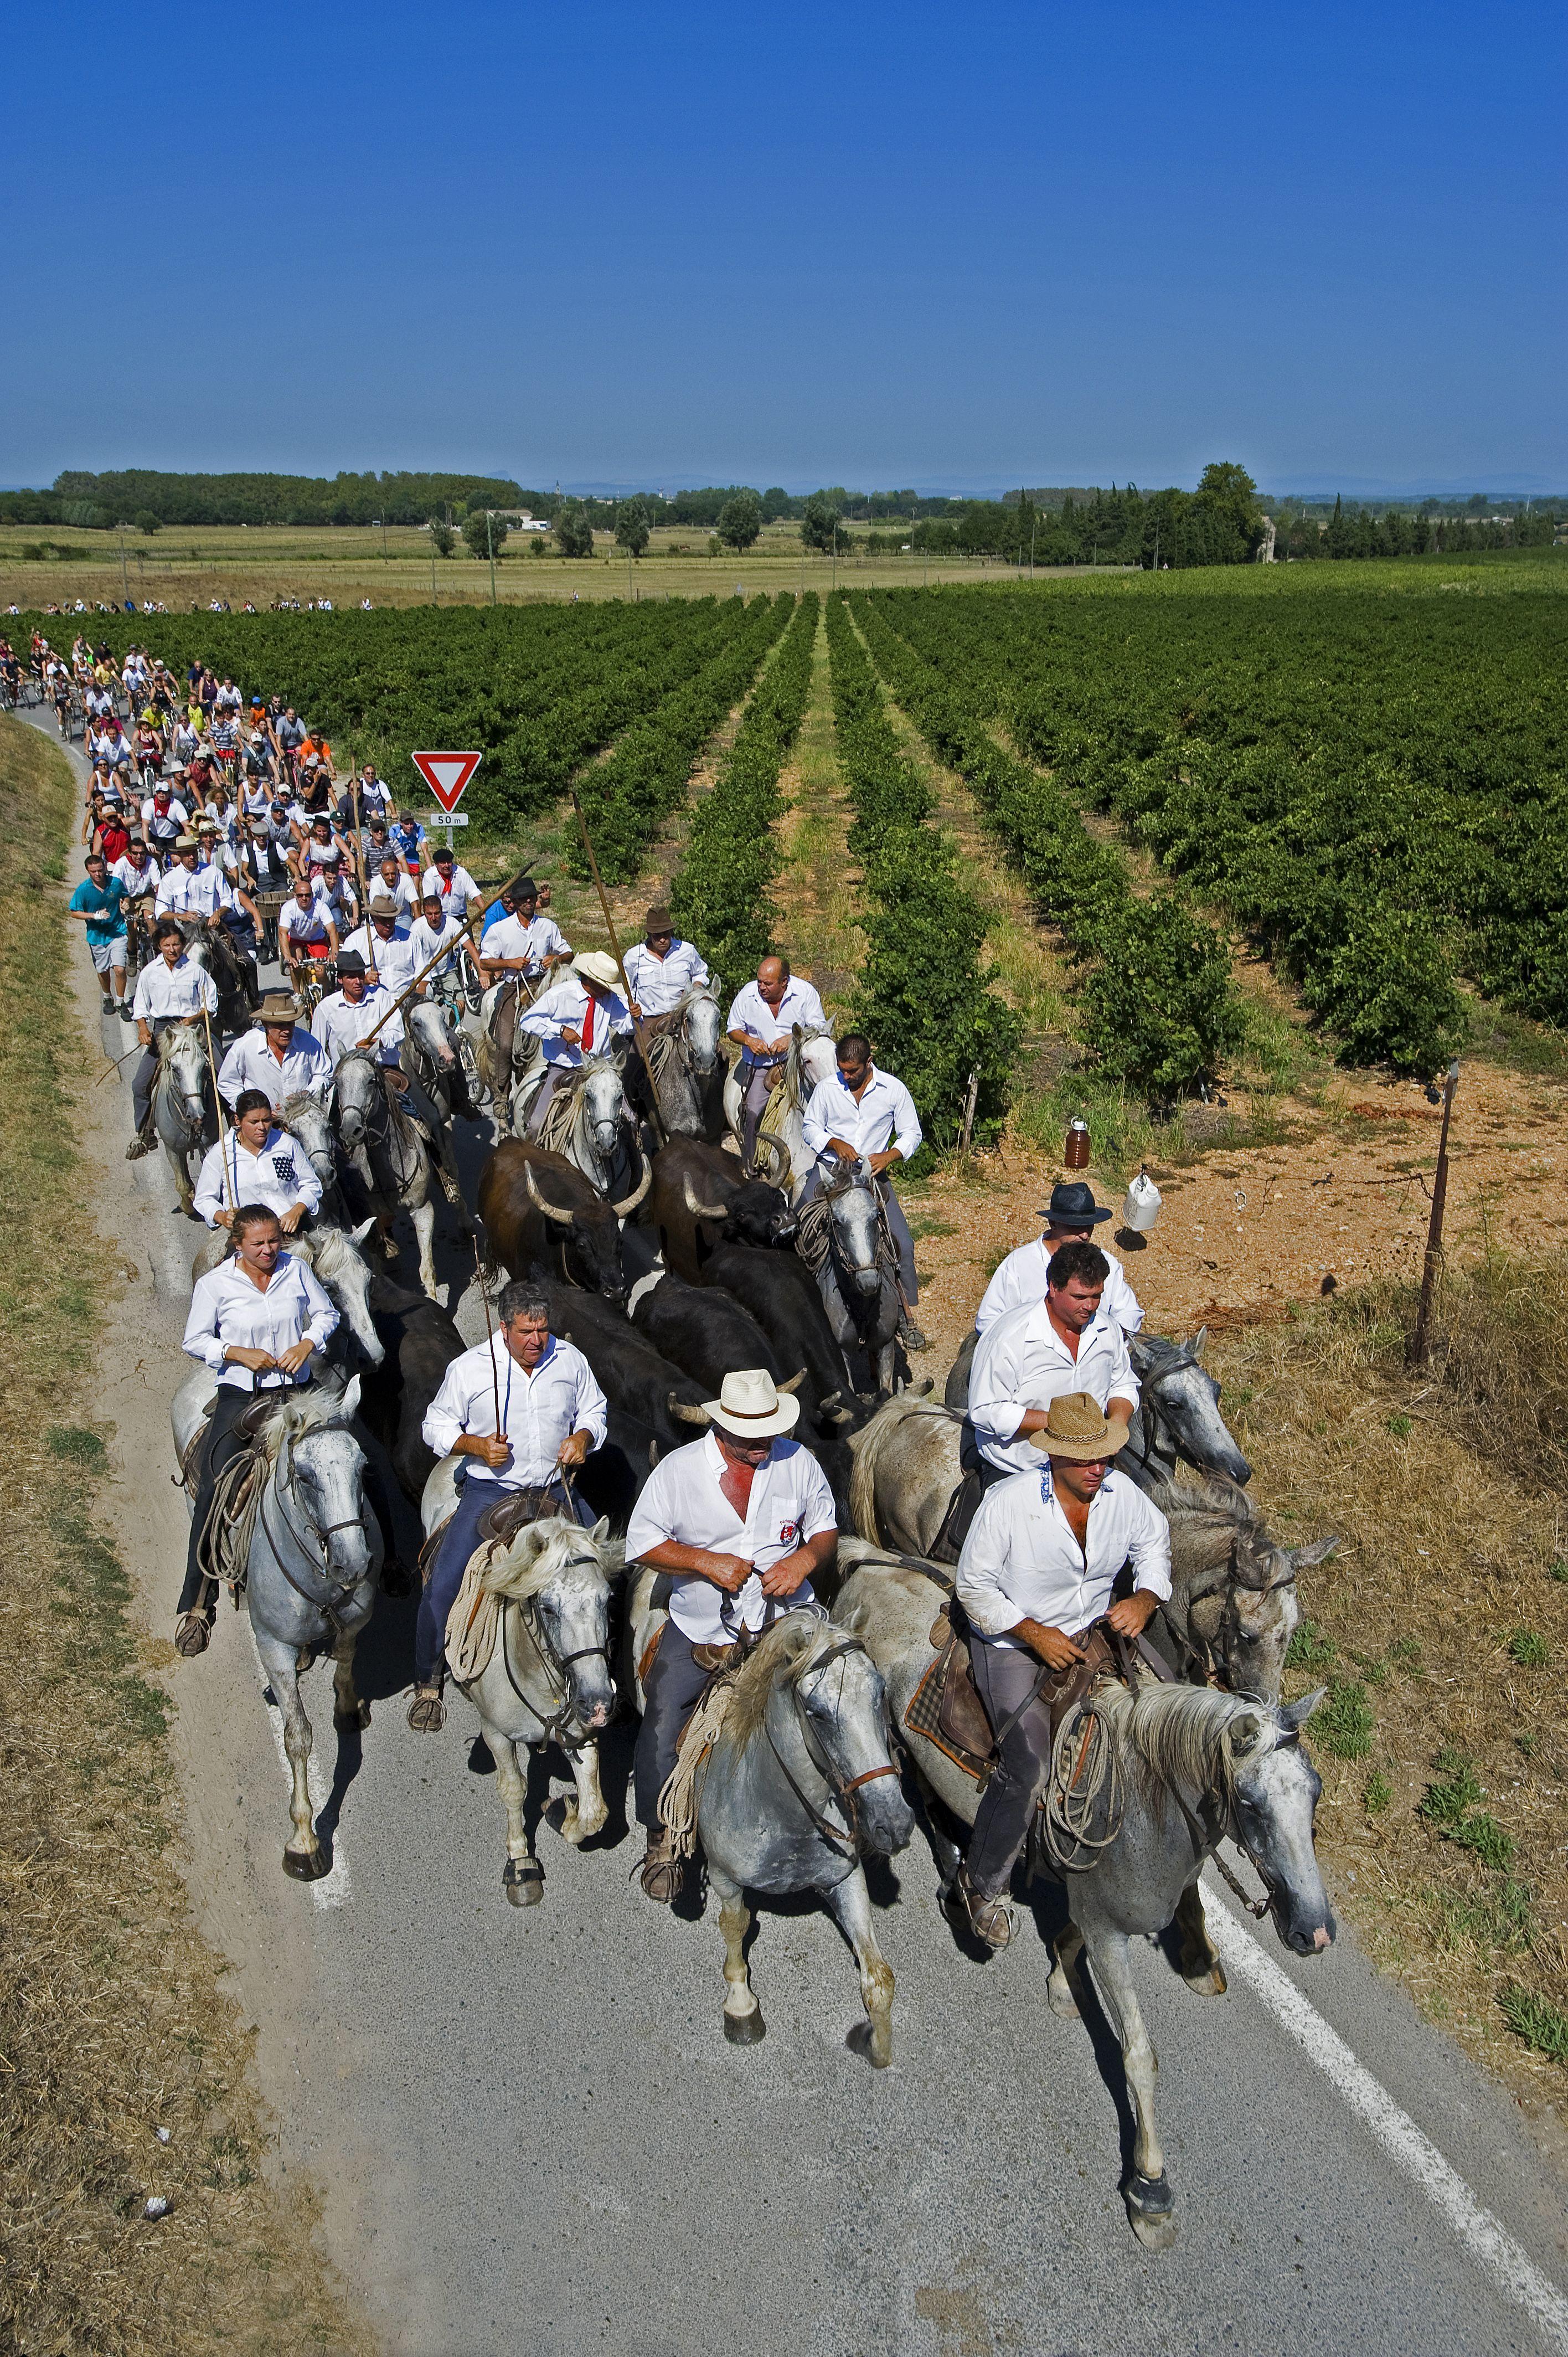 Abrivado A Cheval En Camargue Camargue Gardian Chevaldaventure Camargue Camargue Cheval Randonnee Equestre